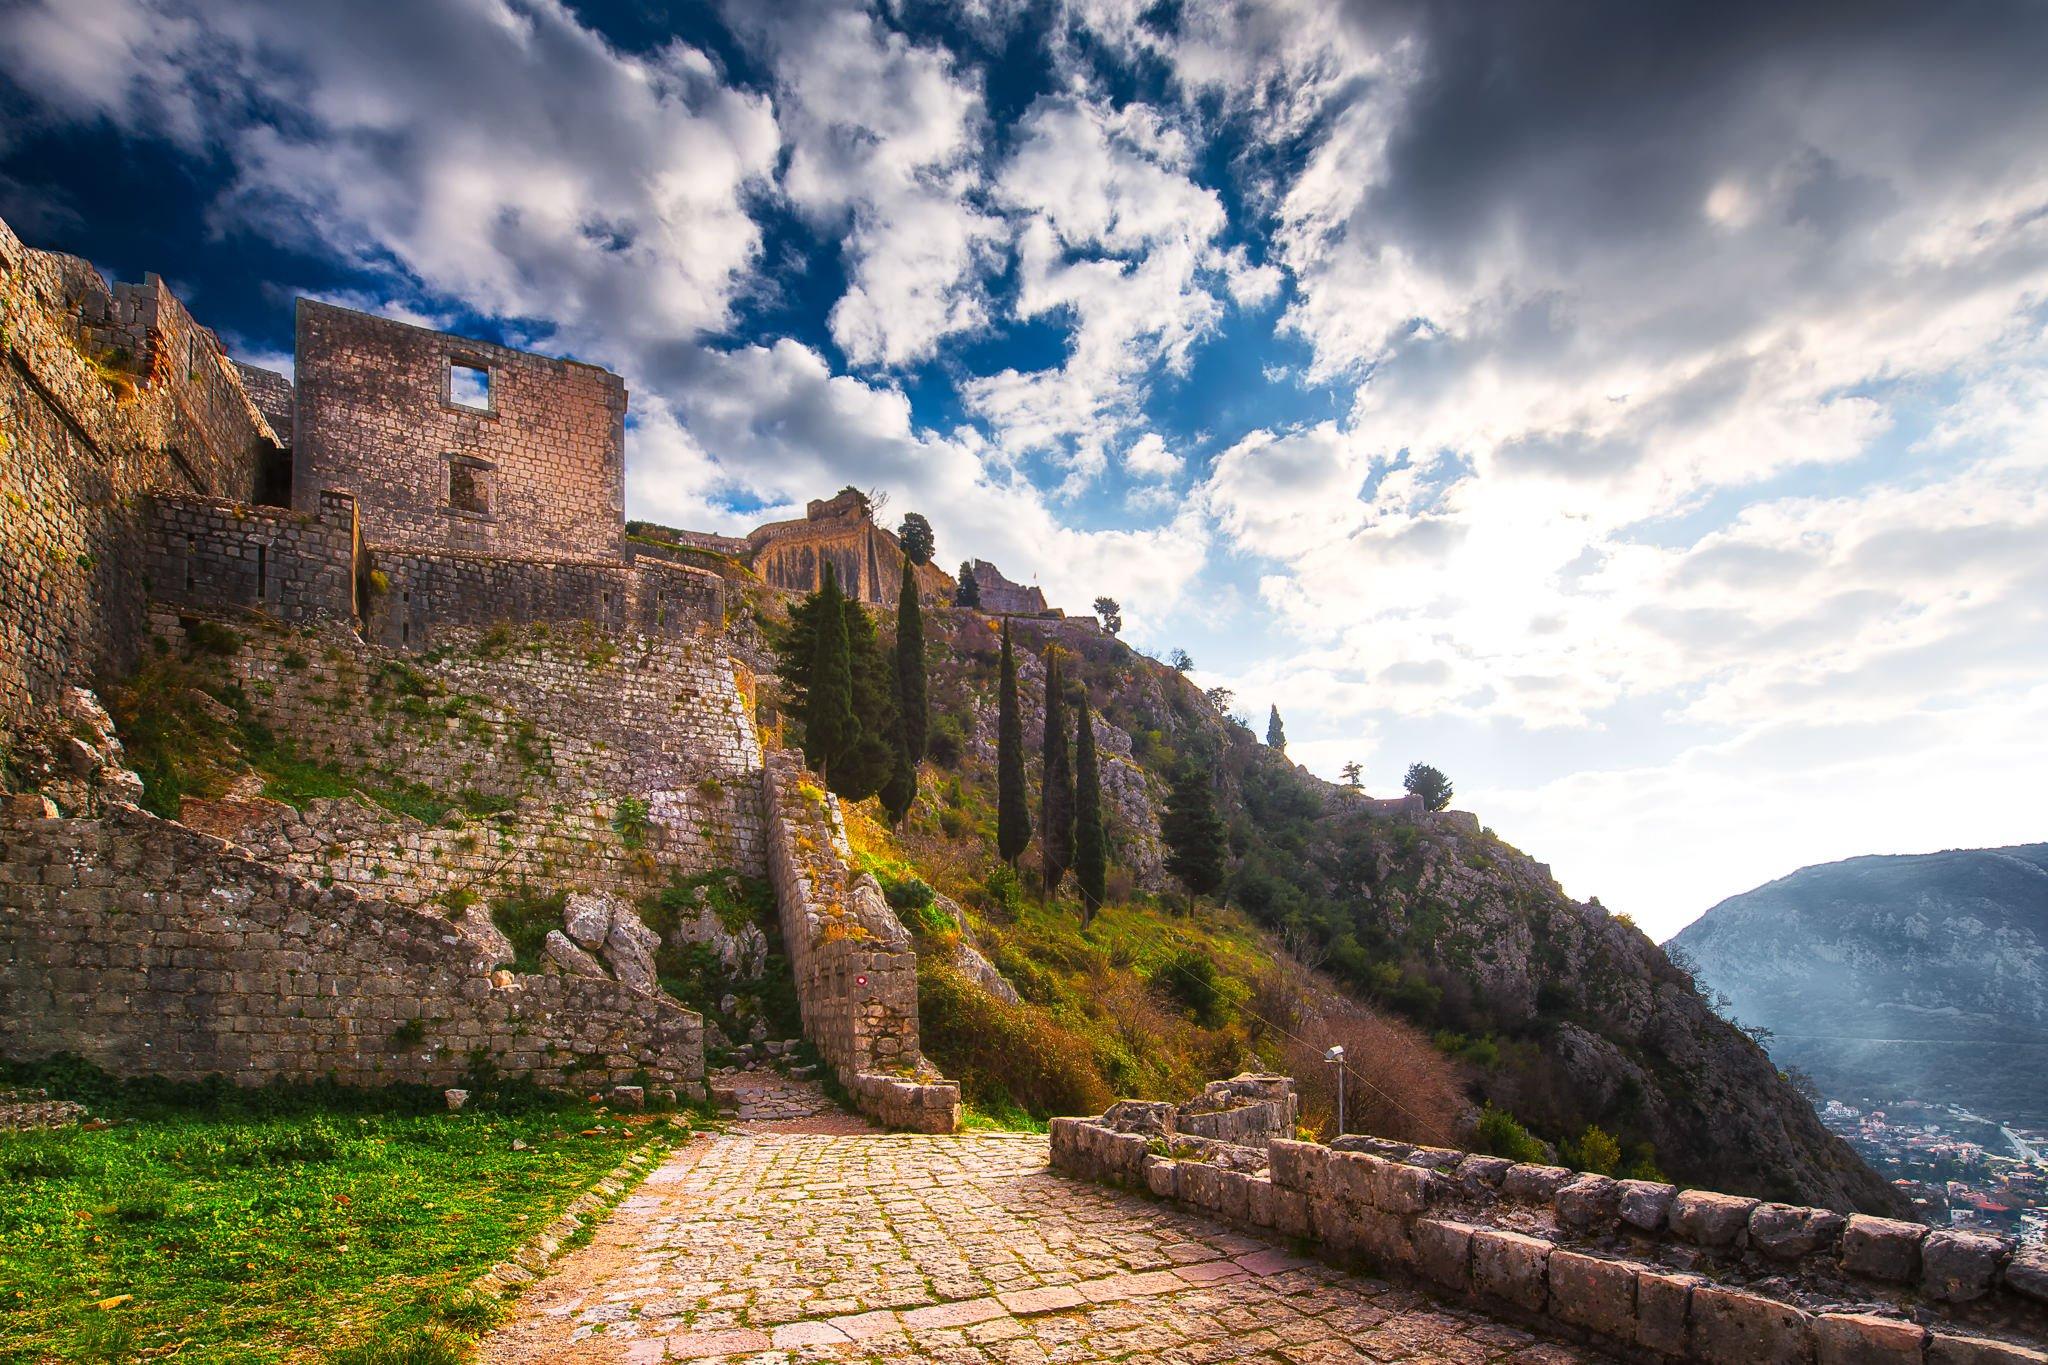 Foto der Festung von Kotor in Montenegro, vom Johanneshügel aus fotografiert.